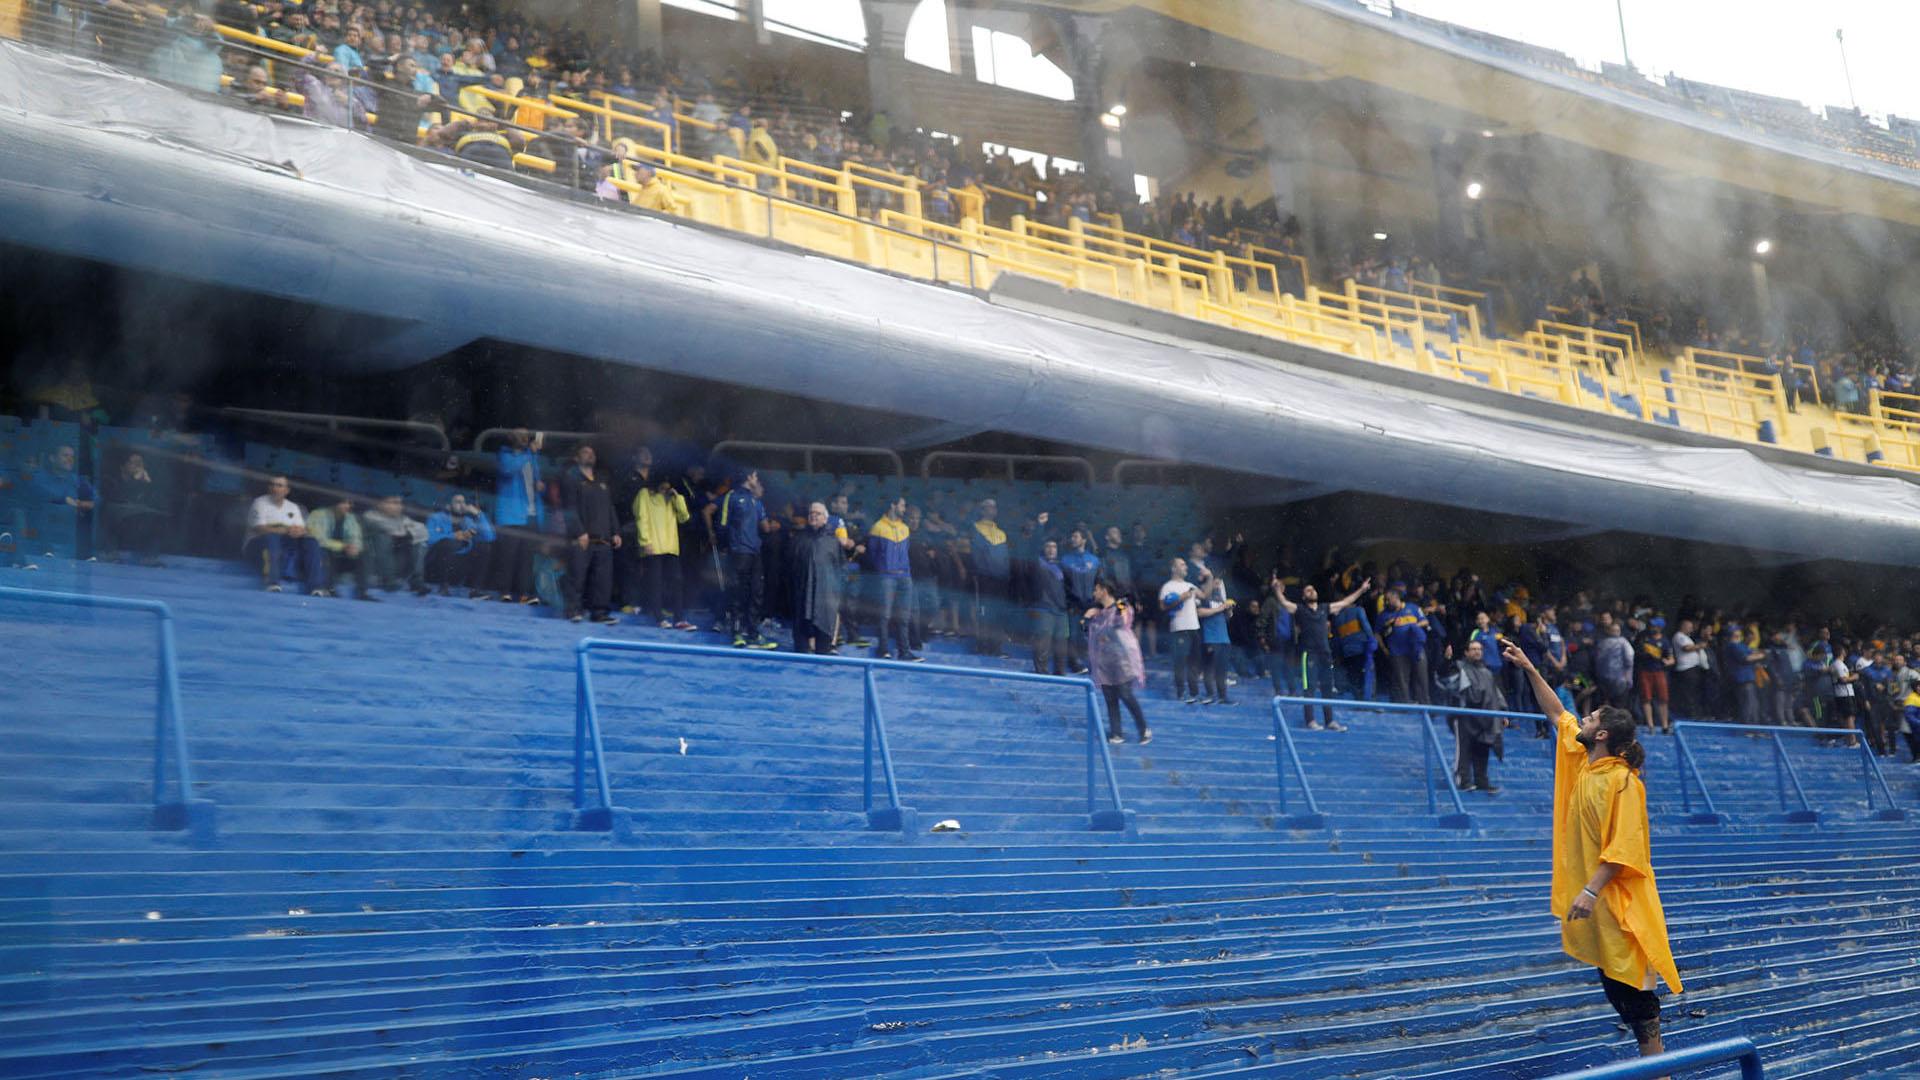 Pese a las incesantes lluvias, miles de hinchas estuvieron presentes en la Bombonera